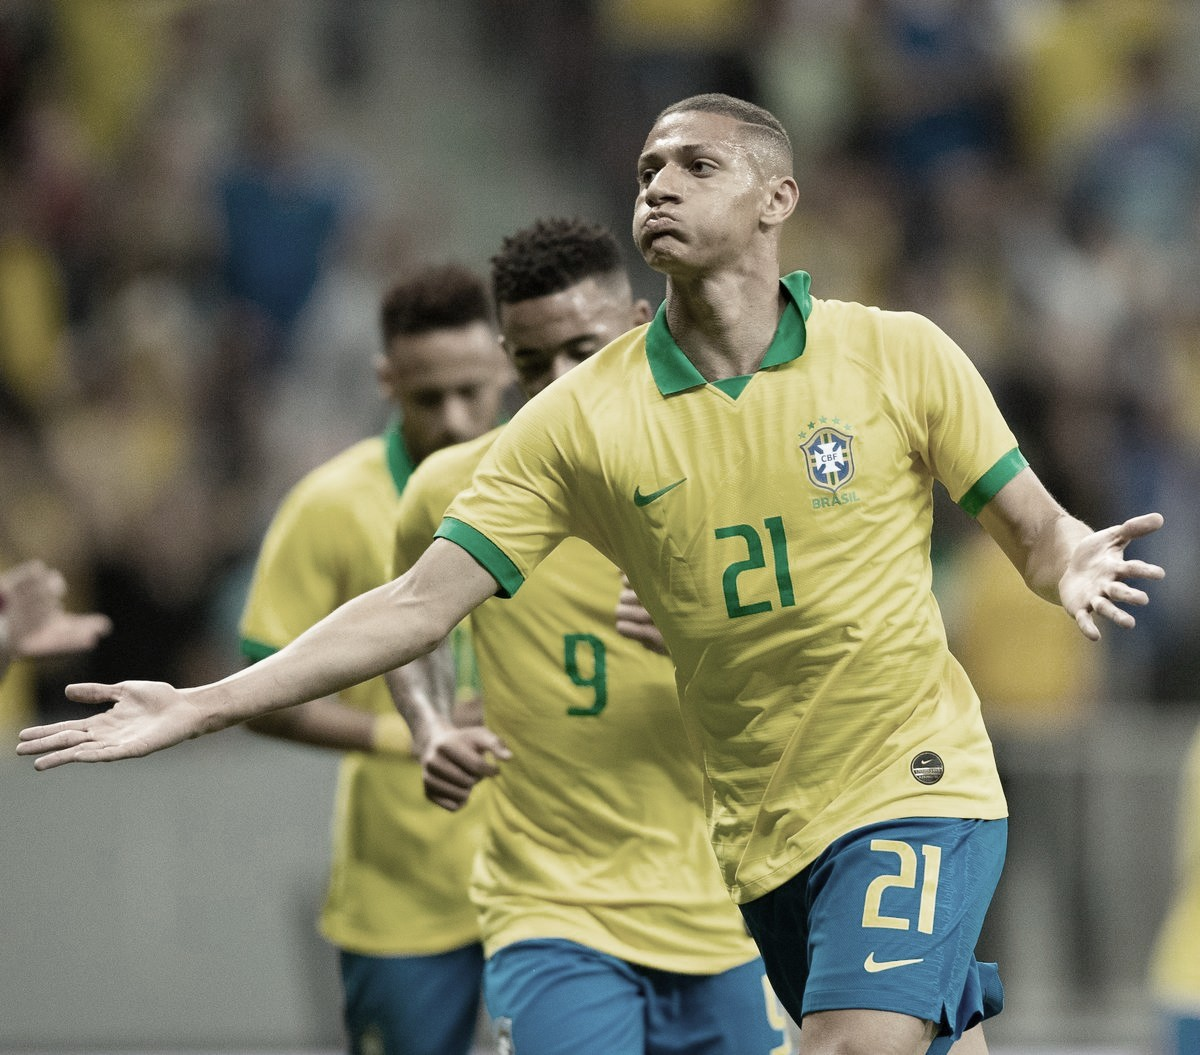 Neymar machuca, Brasil define no primeiro tempo e derrota Catar em amistoso